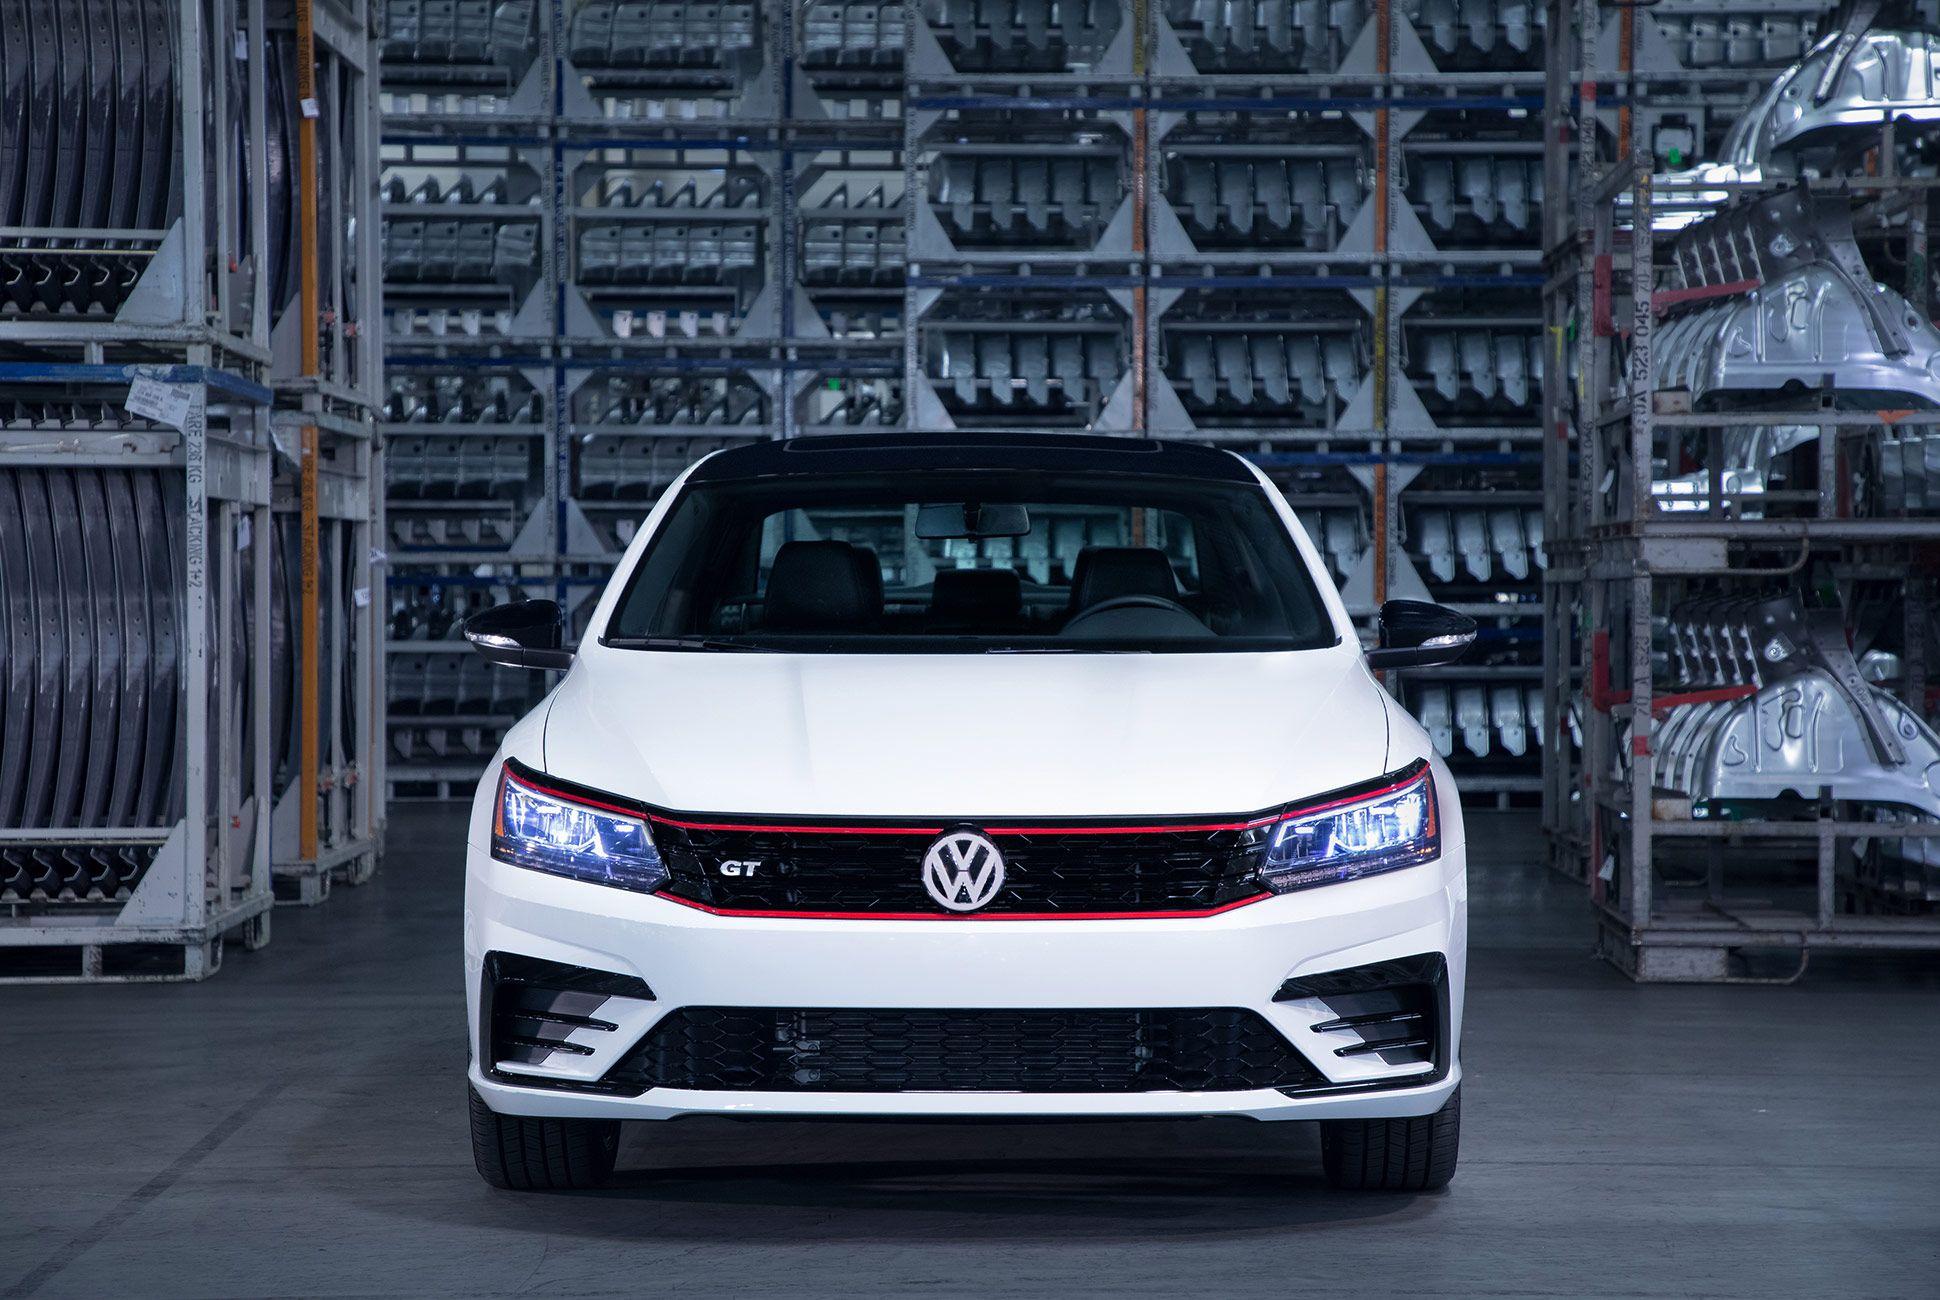 Volkswagen-GT-Passat-gear-patrol-1